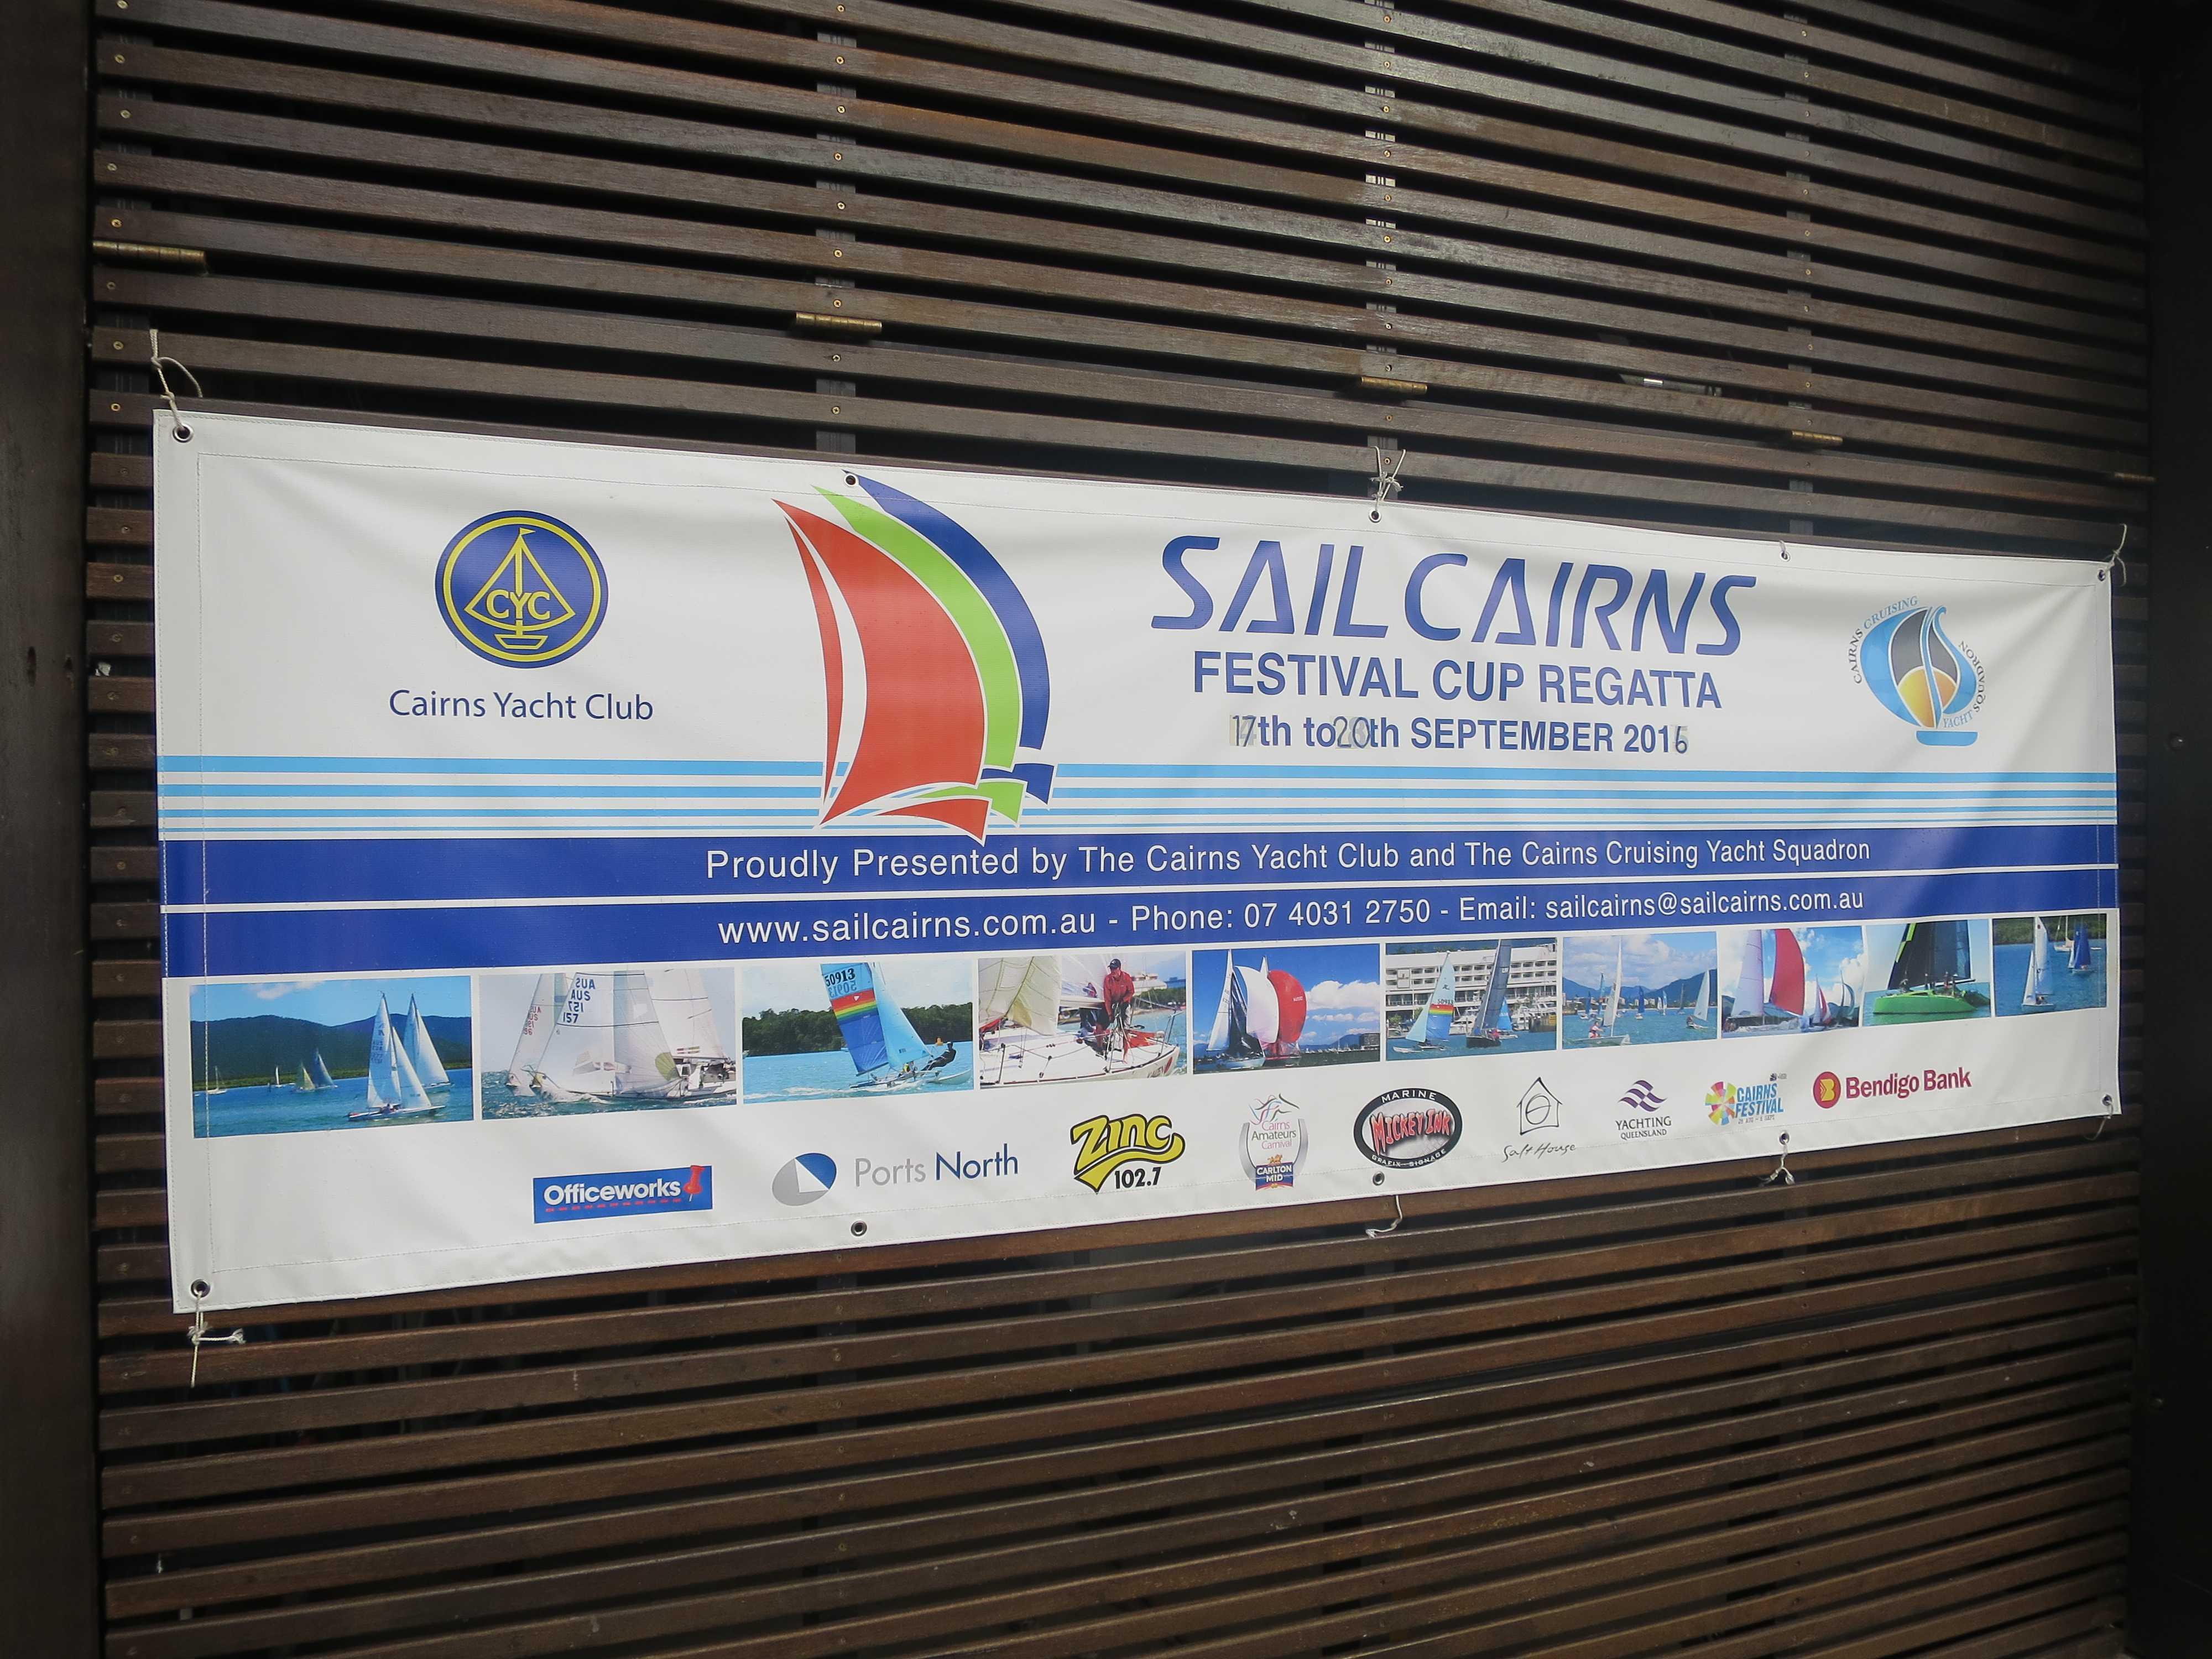 ケアンズヨットクラブ(Cairns Yacht Club)